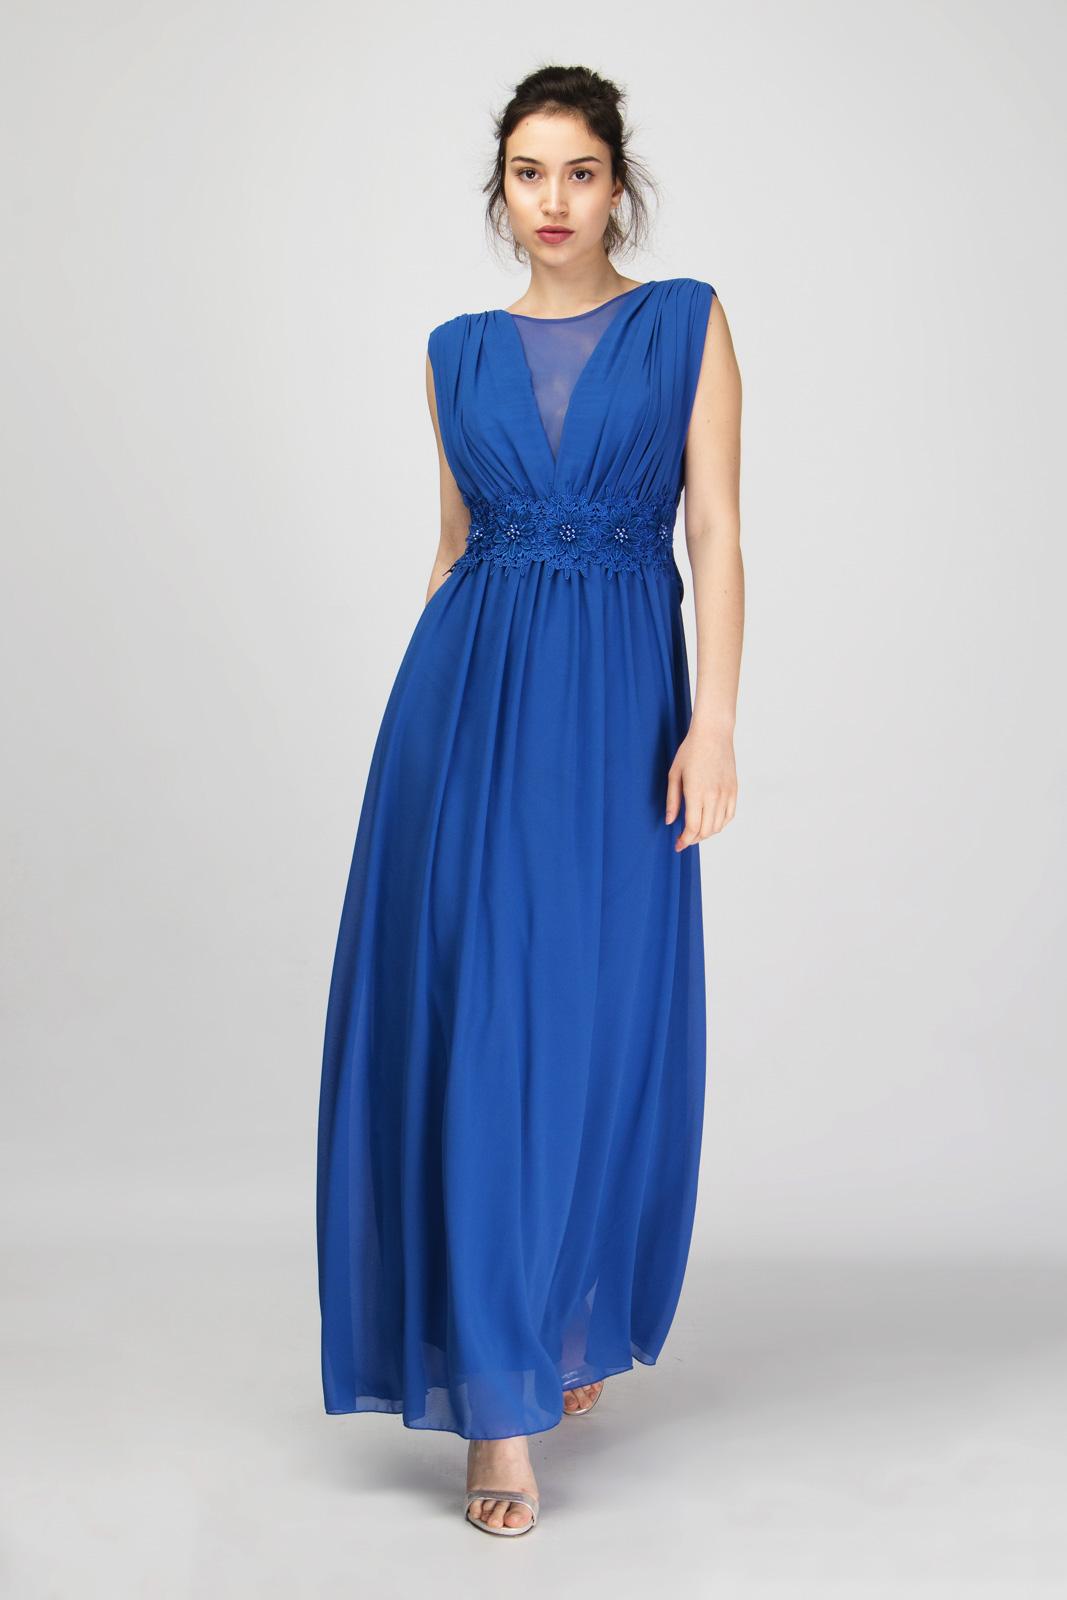 Μάξι Αμάνικο Φόρεμα Διακοσμημένο με Δαντέλα